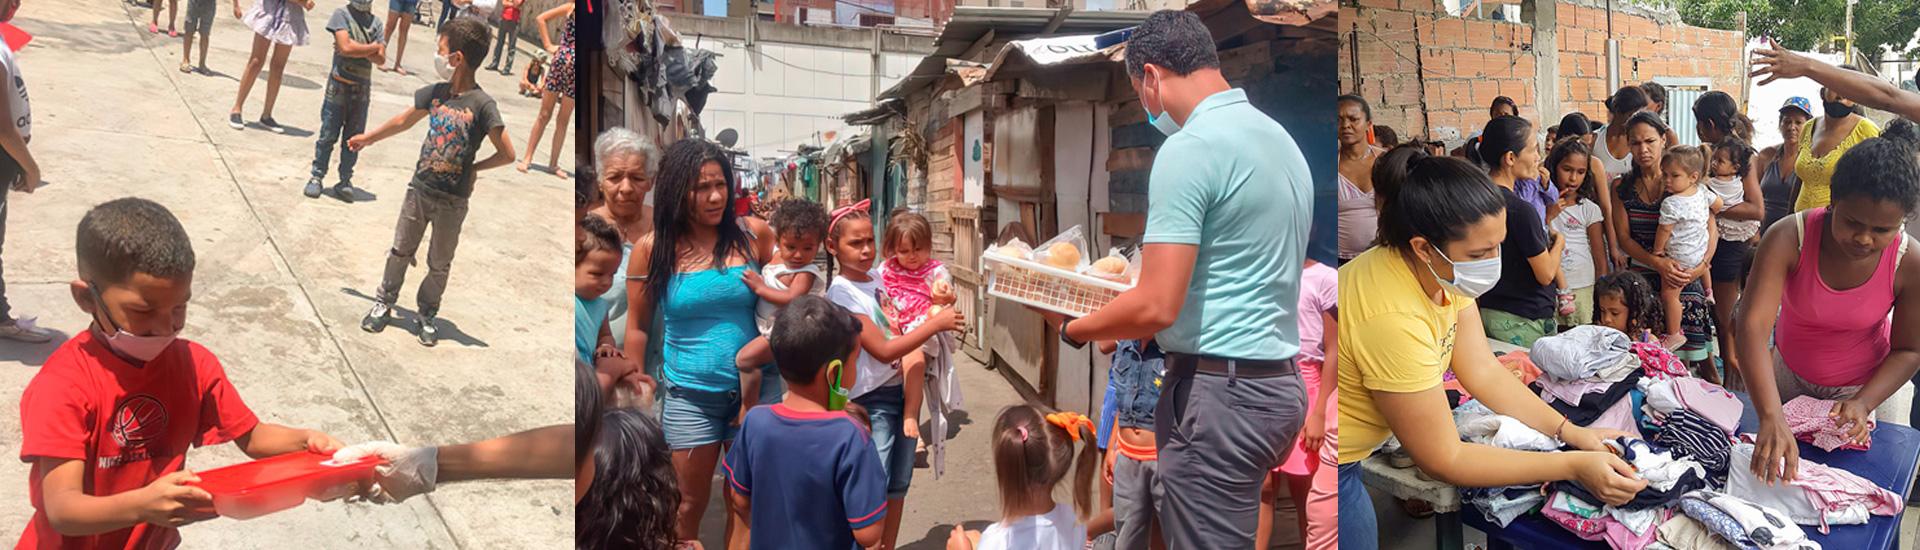 Los misioneros advierten una vez más sobre la situación desesperada que se vive en Venezuela y la necesidad de diálogo